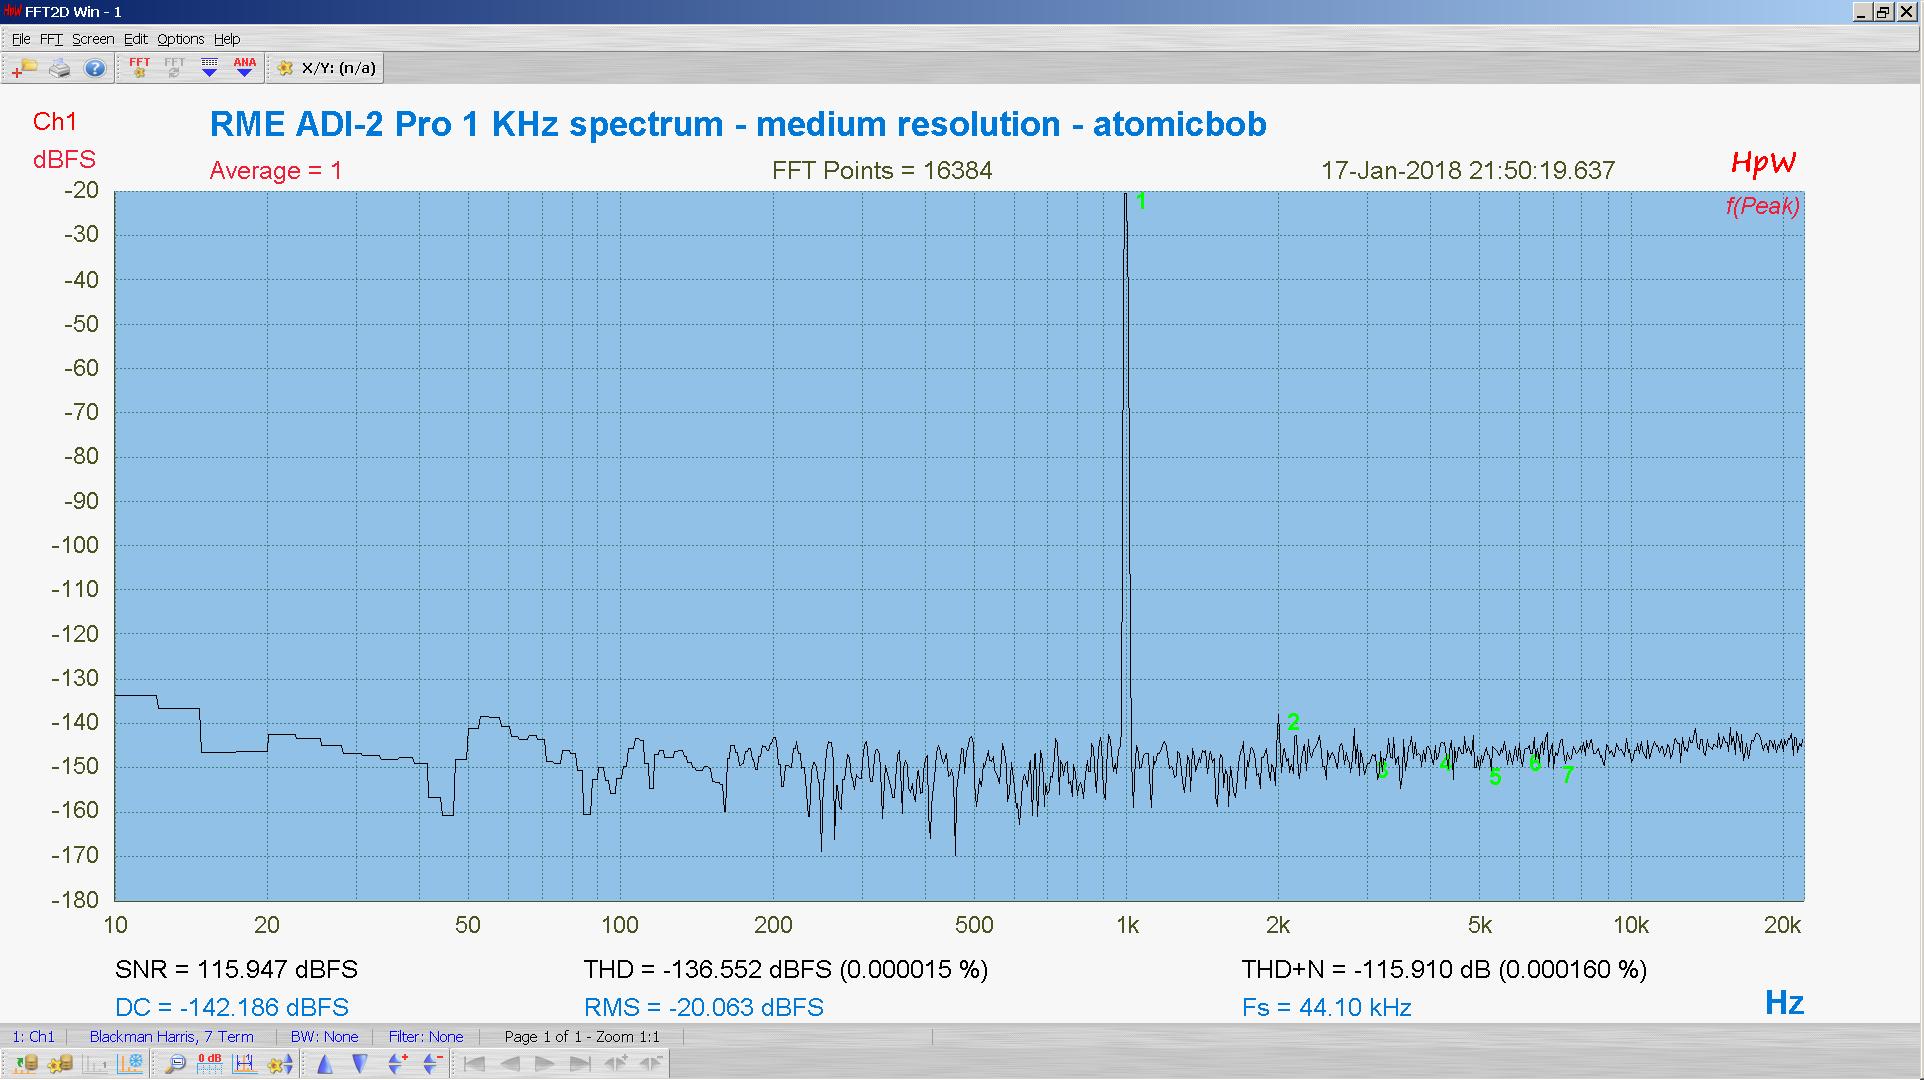 20180117-02 ADI-2 Pro Bal 1 KHz THD THD+N 16K FFT- ASIO -20 dBFS - HpW.PNG